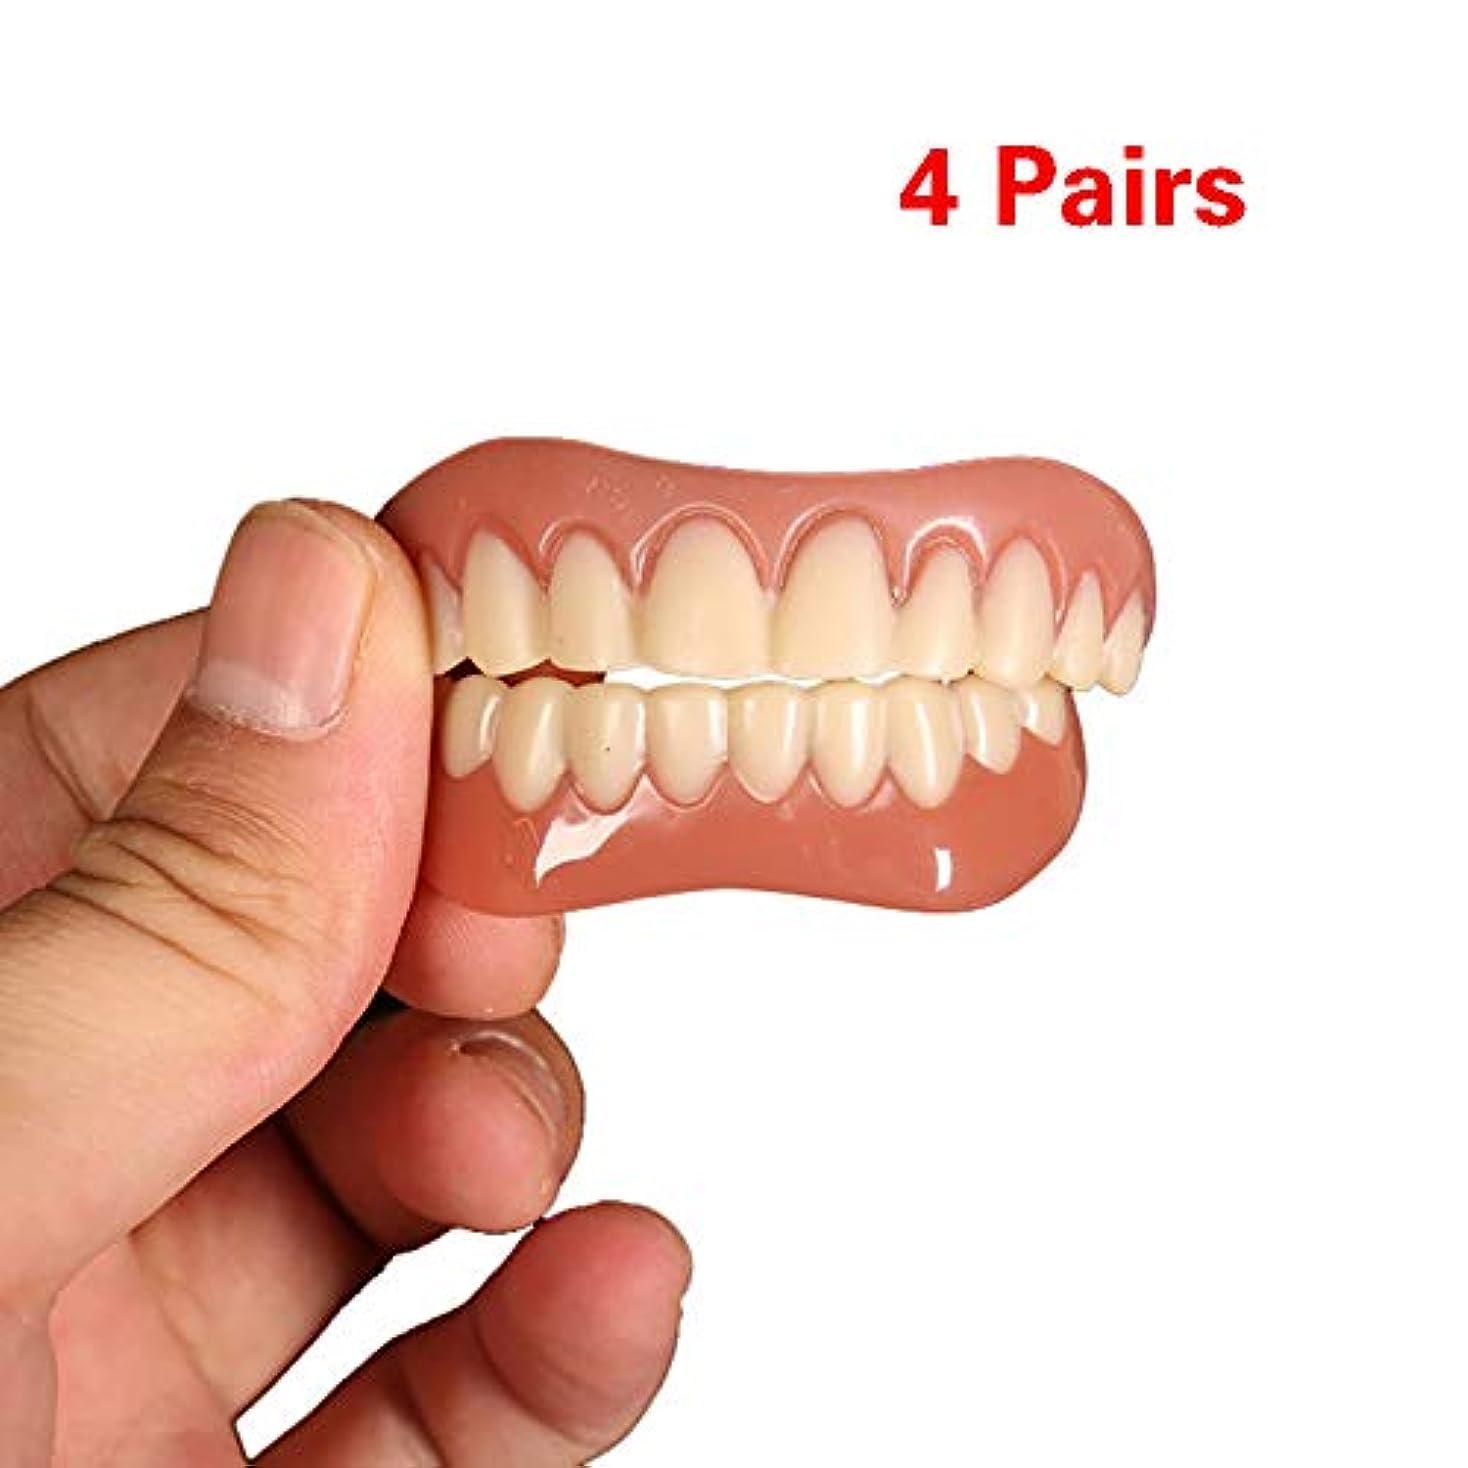 藤色ブレーキ失態歯の快適さフィットフレックス化粧品の歯義歯歯の上+下化粧品のベニヤシミュレーションブレース